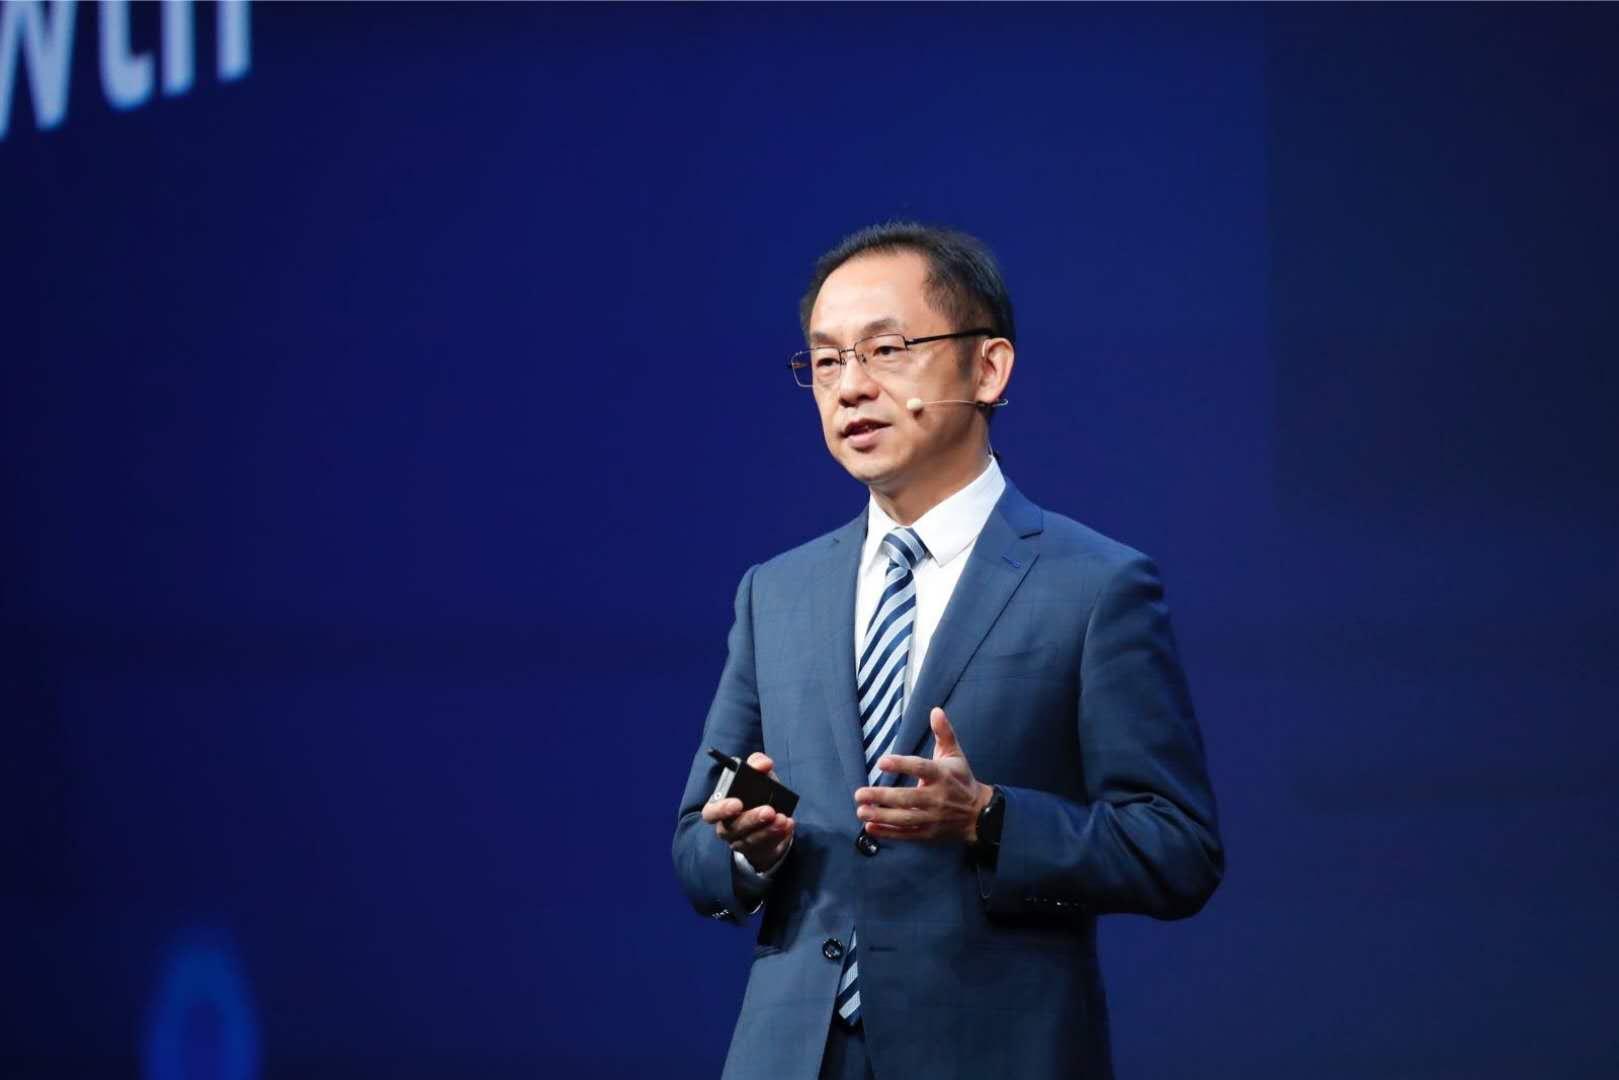 华为丁耘:通过WTTx和NB-IOT持续构建5G新商业能力